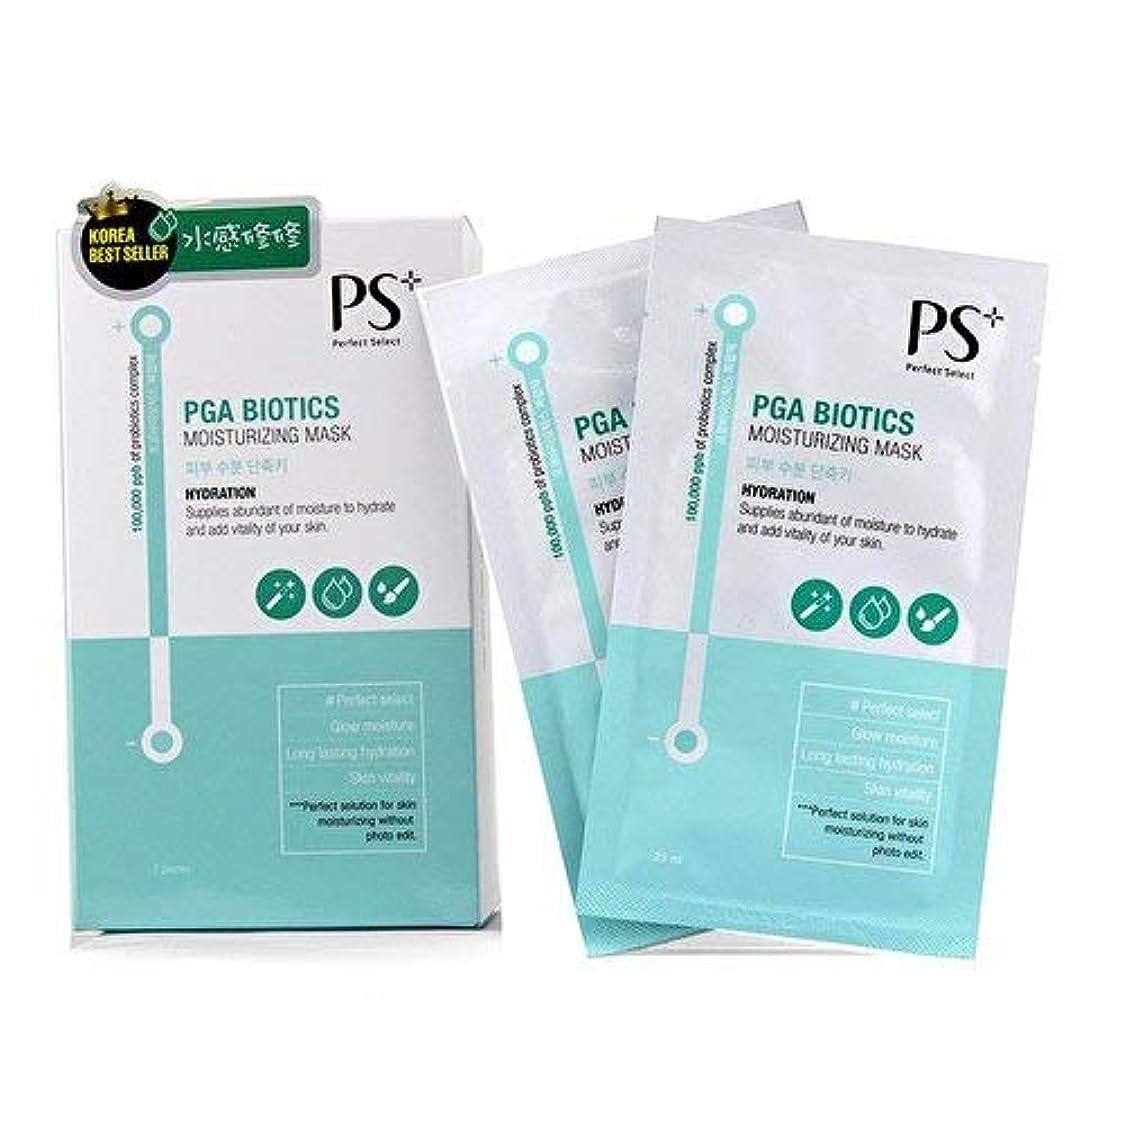 問題希望に満ちた天才PS Perfect Select PGA Biotics Moisturizing Mask - Hydration 7pcs並行輸入品